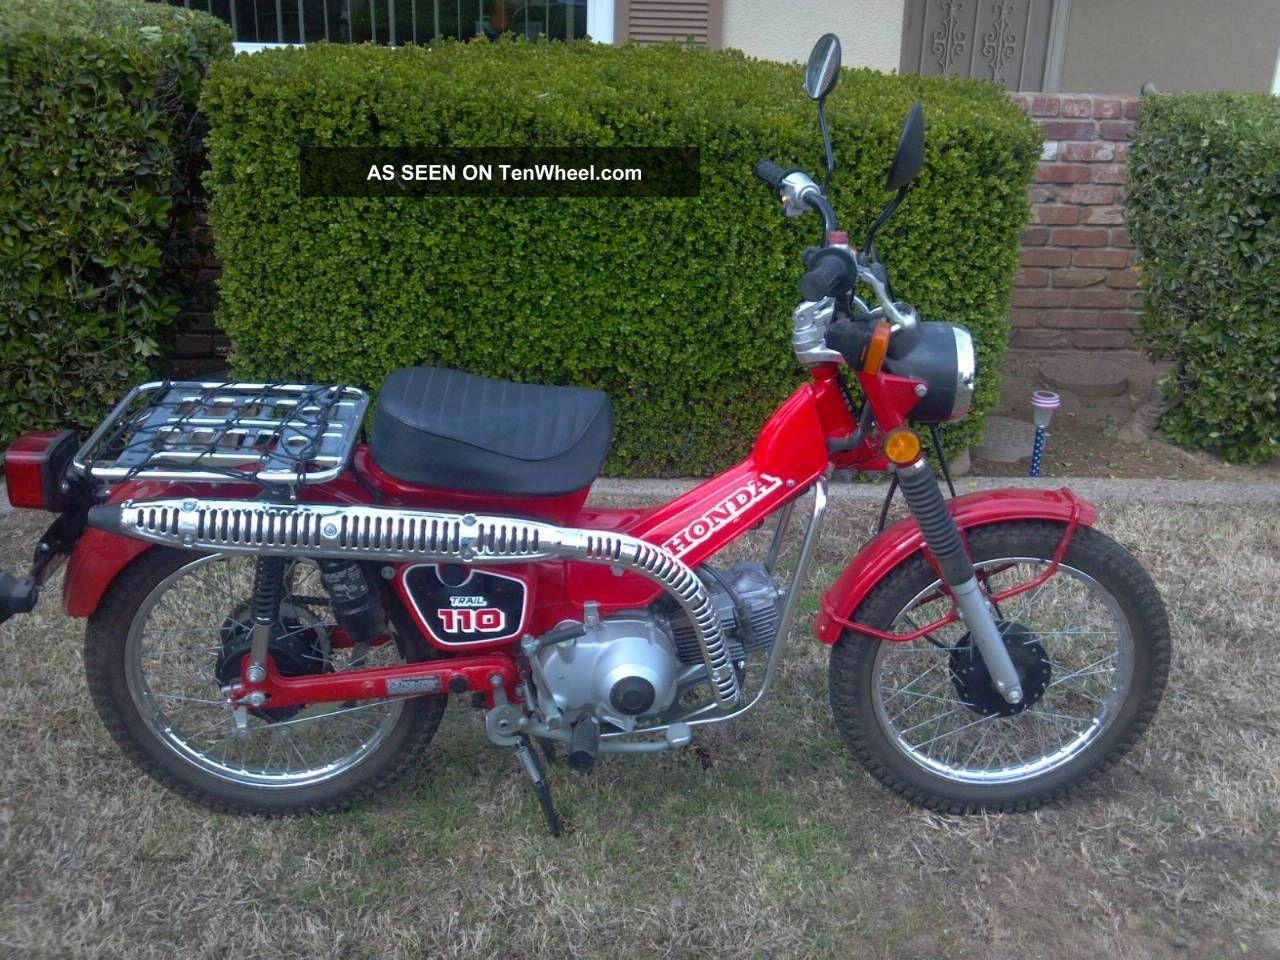 1986 Honda Ct 110 CT photo